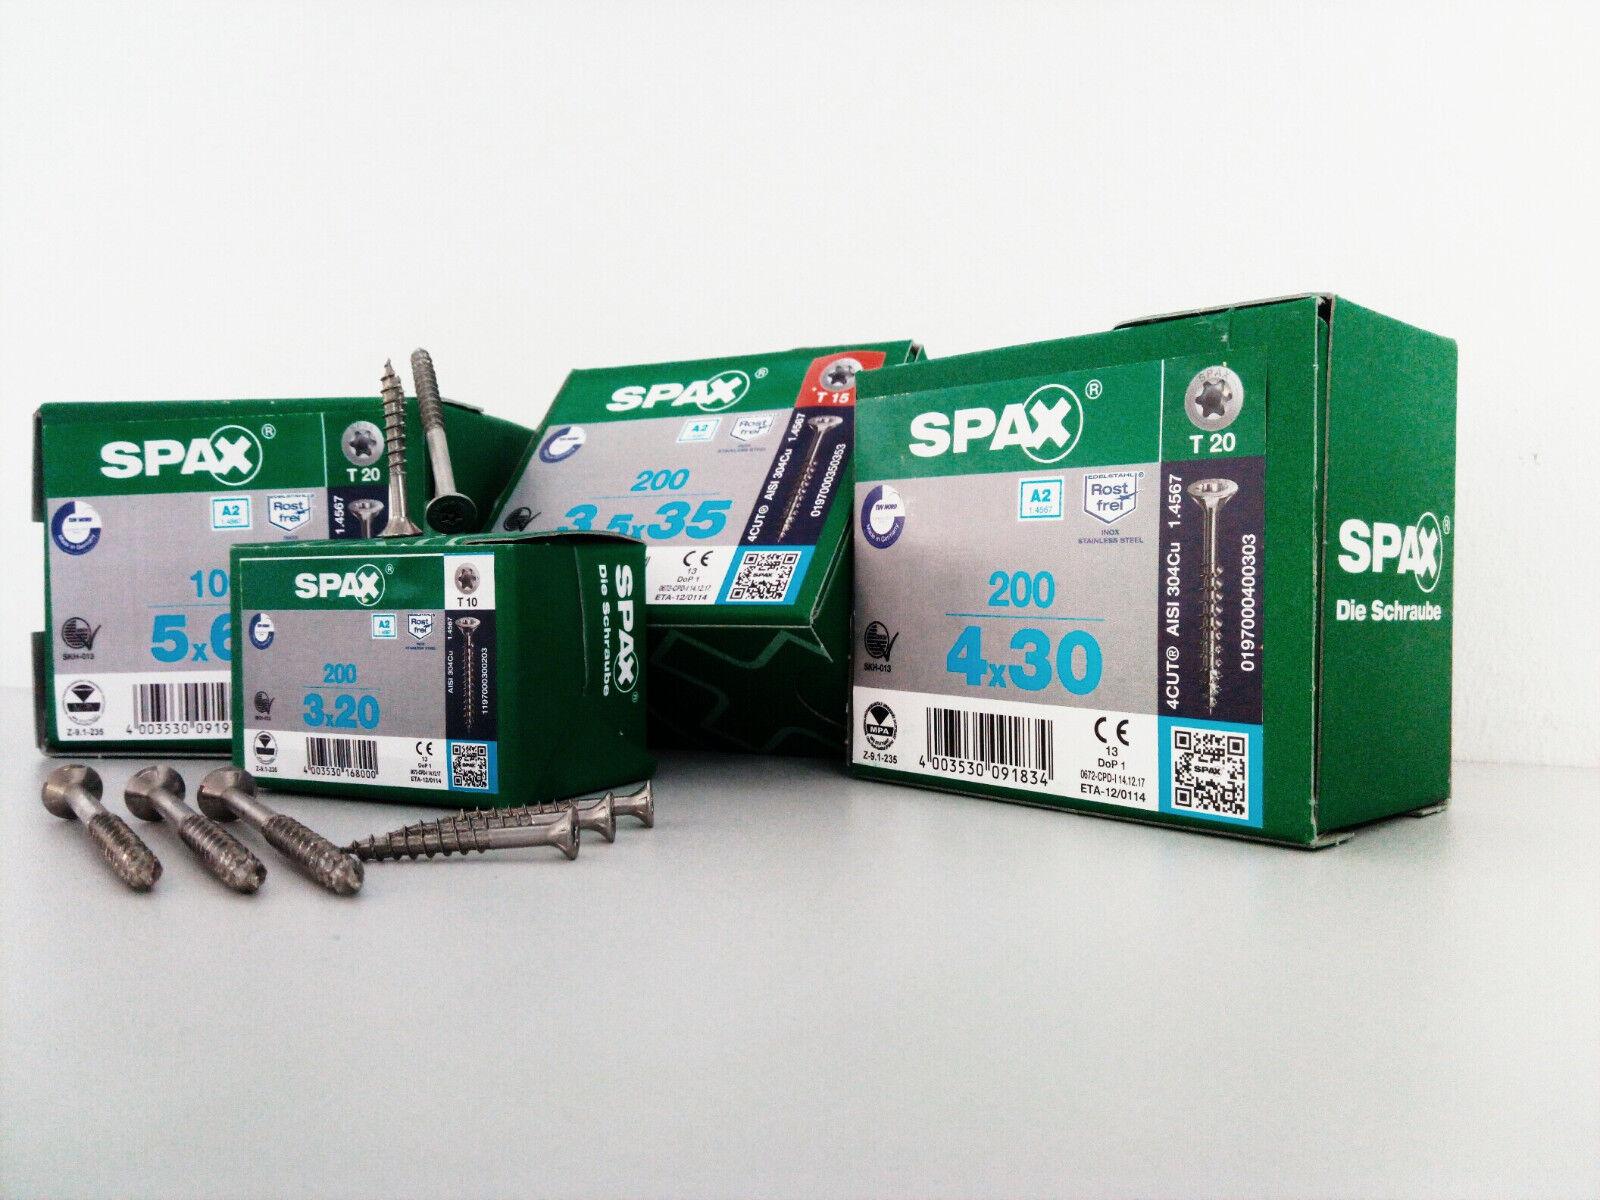 spax schrauben test vergleich +++ spax schrauben günstig kaufen!